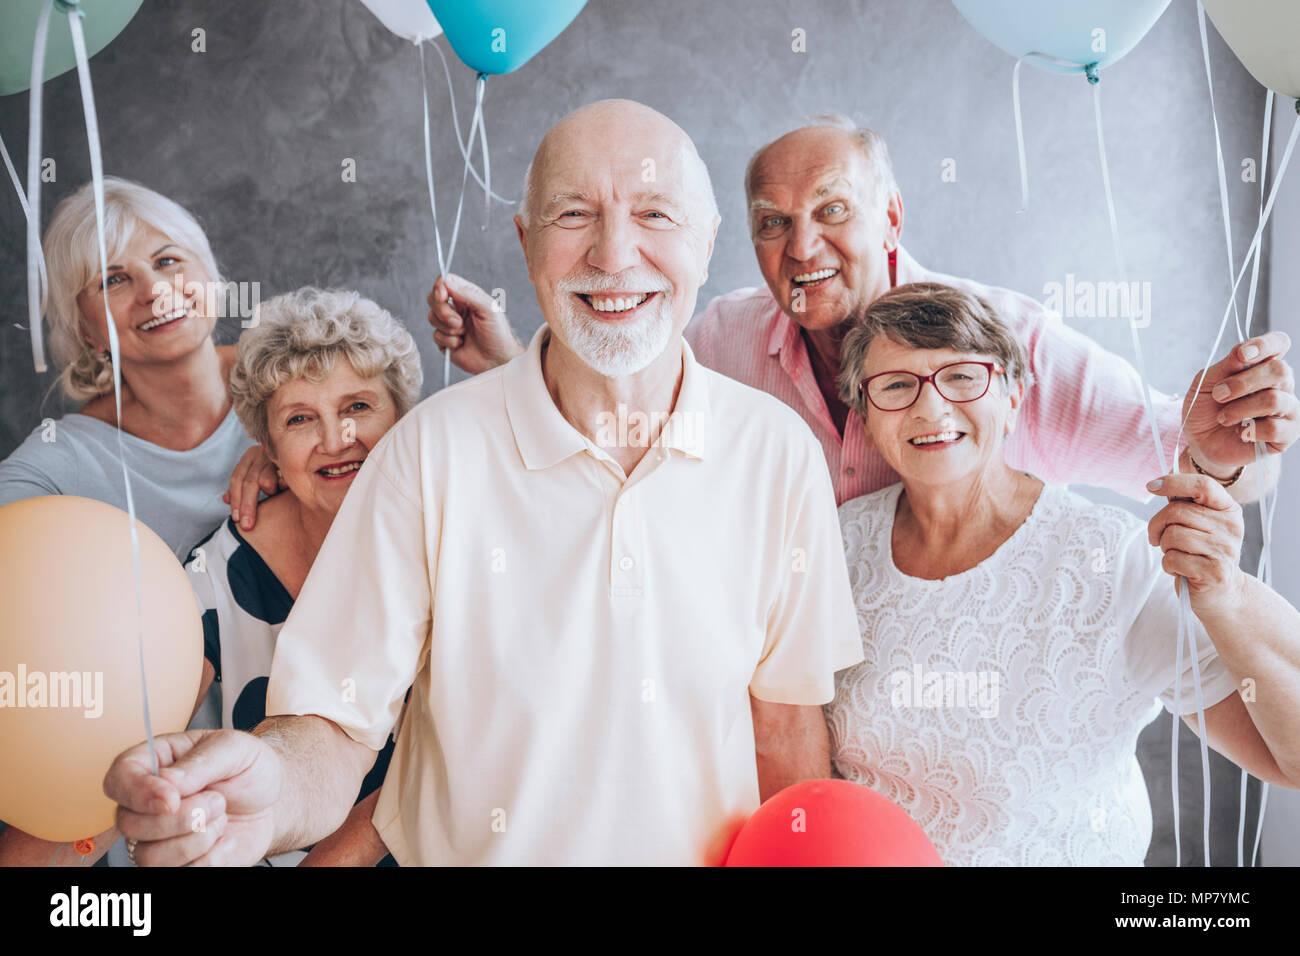 Smiling elderly man et ses amis avec des ballons profitant de sa fête Banque D'Images